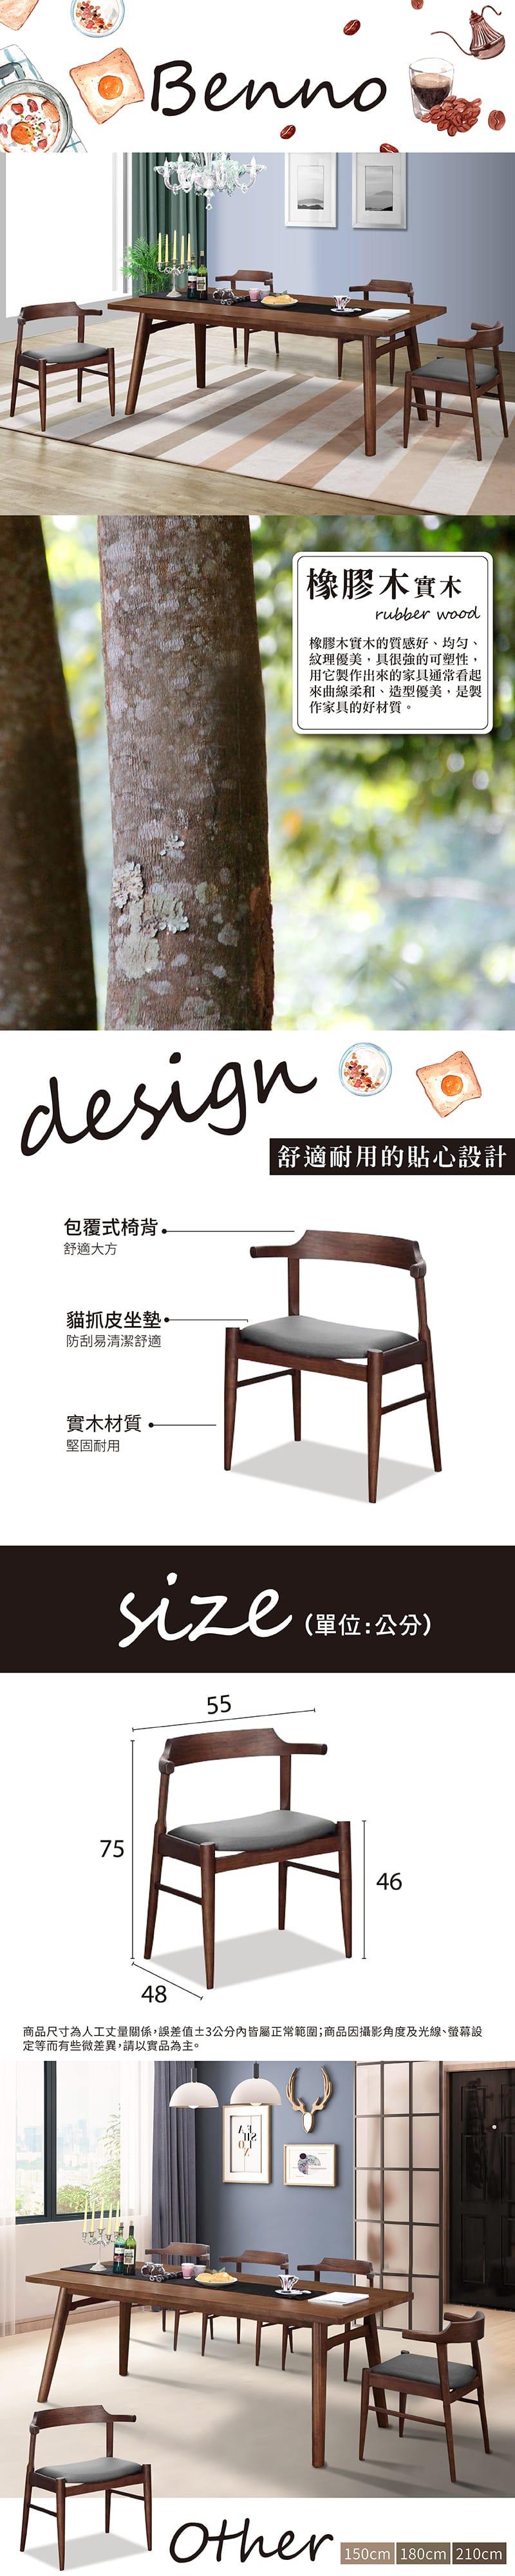 班諾 實木皮面餐椅